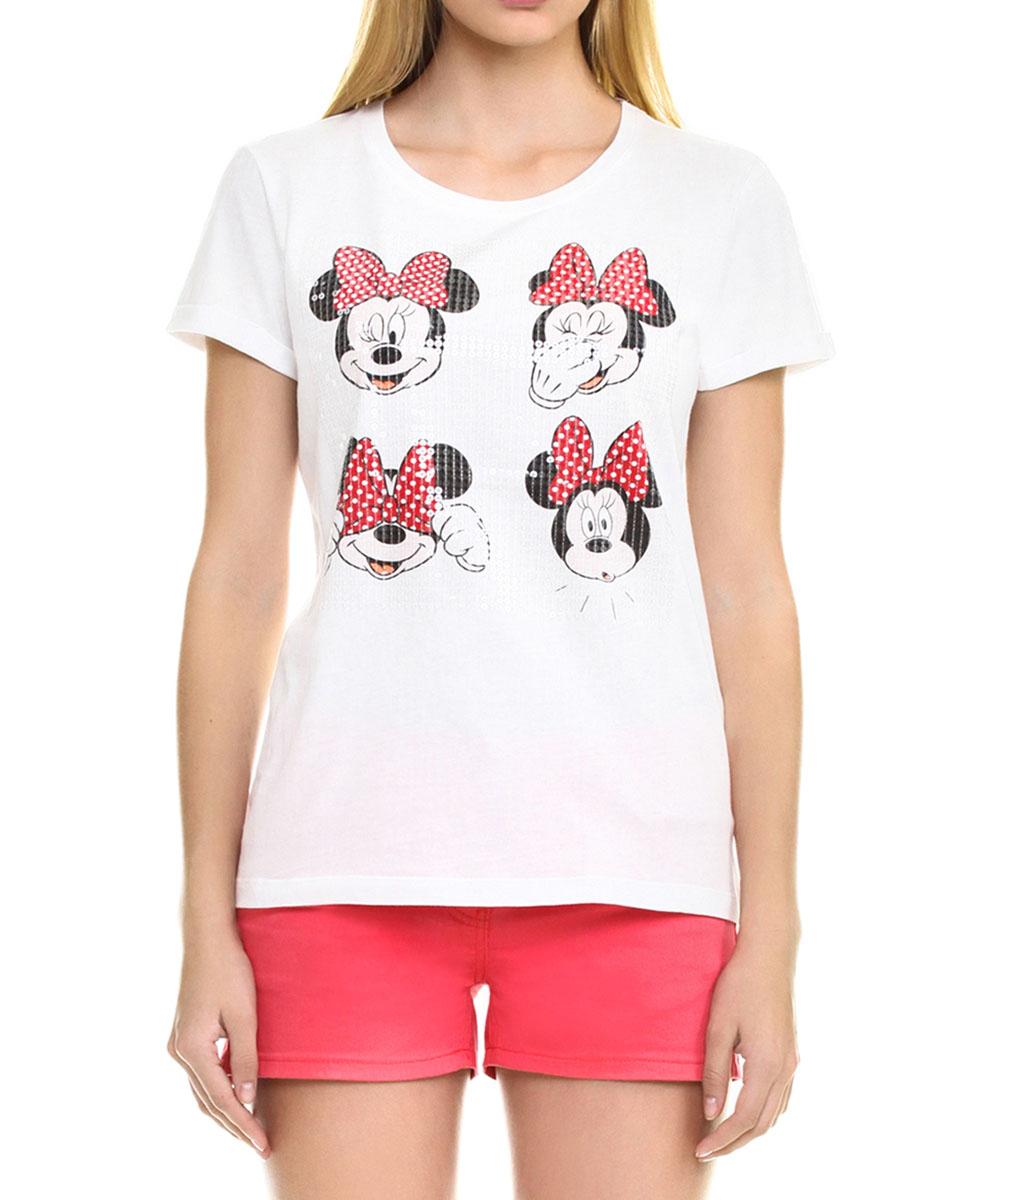 ФутболкаB235052_OPTICAL-WHITEСтильная женская футболка Baon, выполненная из высококачественного хлопка, обладает высокой теплопроводностью, воздухопроницаемостью и гигроскопичностью, позволяет коже дышать. Модель с короткими рукавами и круглым вырезом горловины - идеальный вариант для создания образа в стиле Casual. Футболка оформлена рисунком в виде мордочек Минни Маус и расшита прозрачными пайетками. Такая модель будет дарить вам комфорт в течение всего дня и послужит замечательным дополнением к вашему гардеробу.